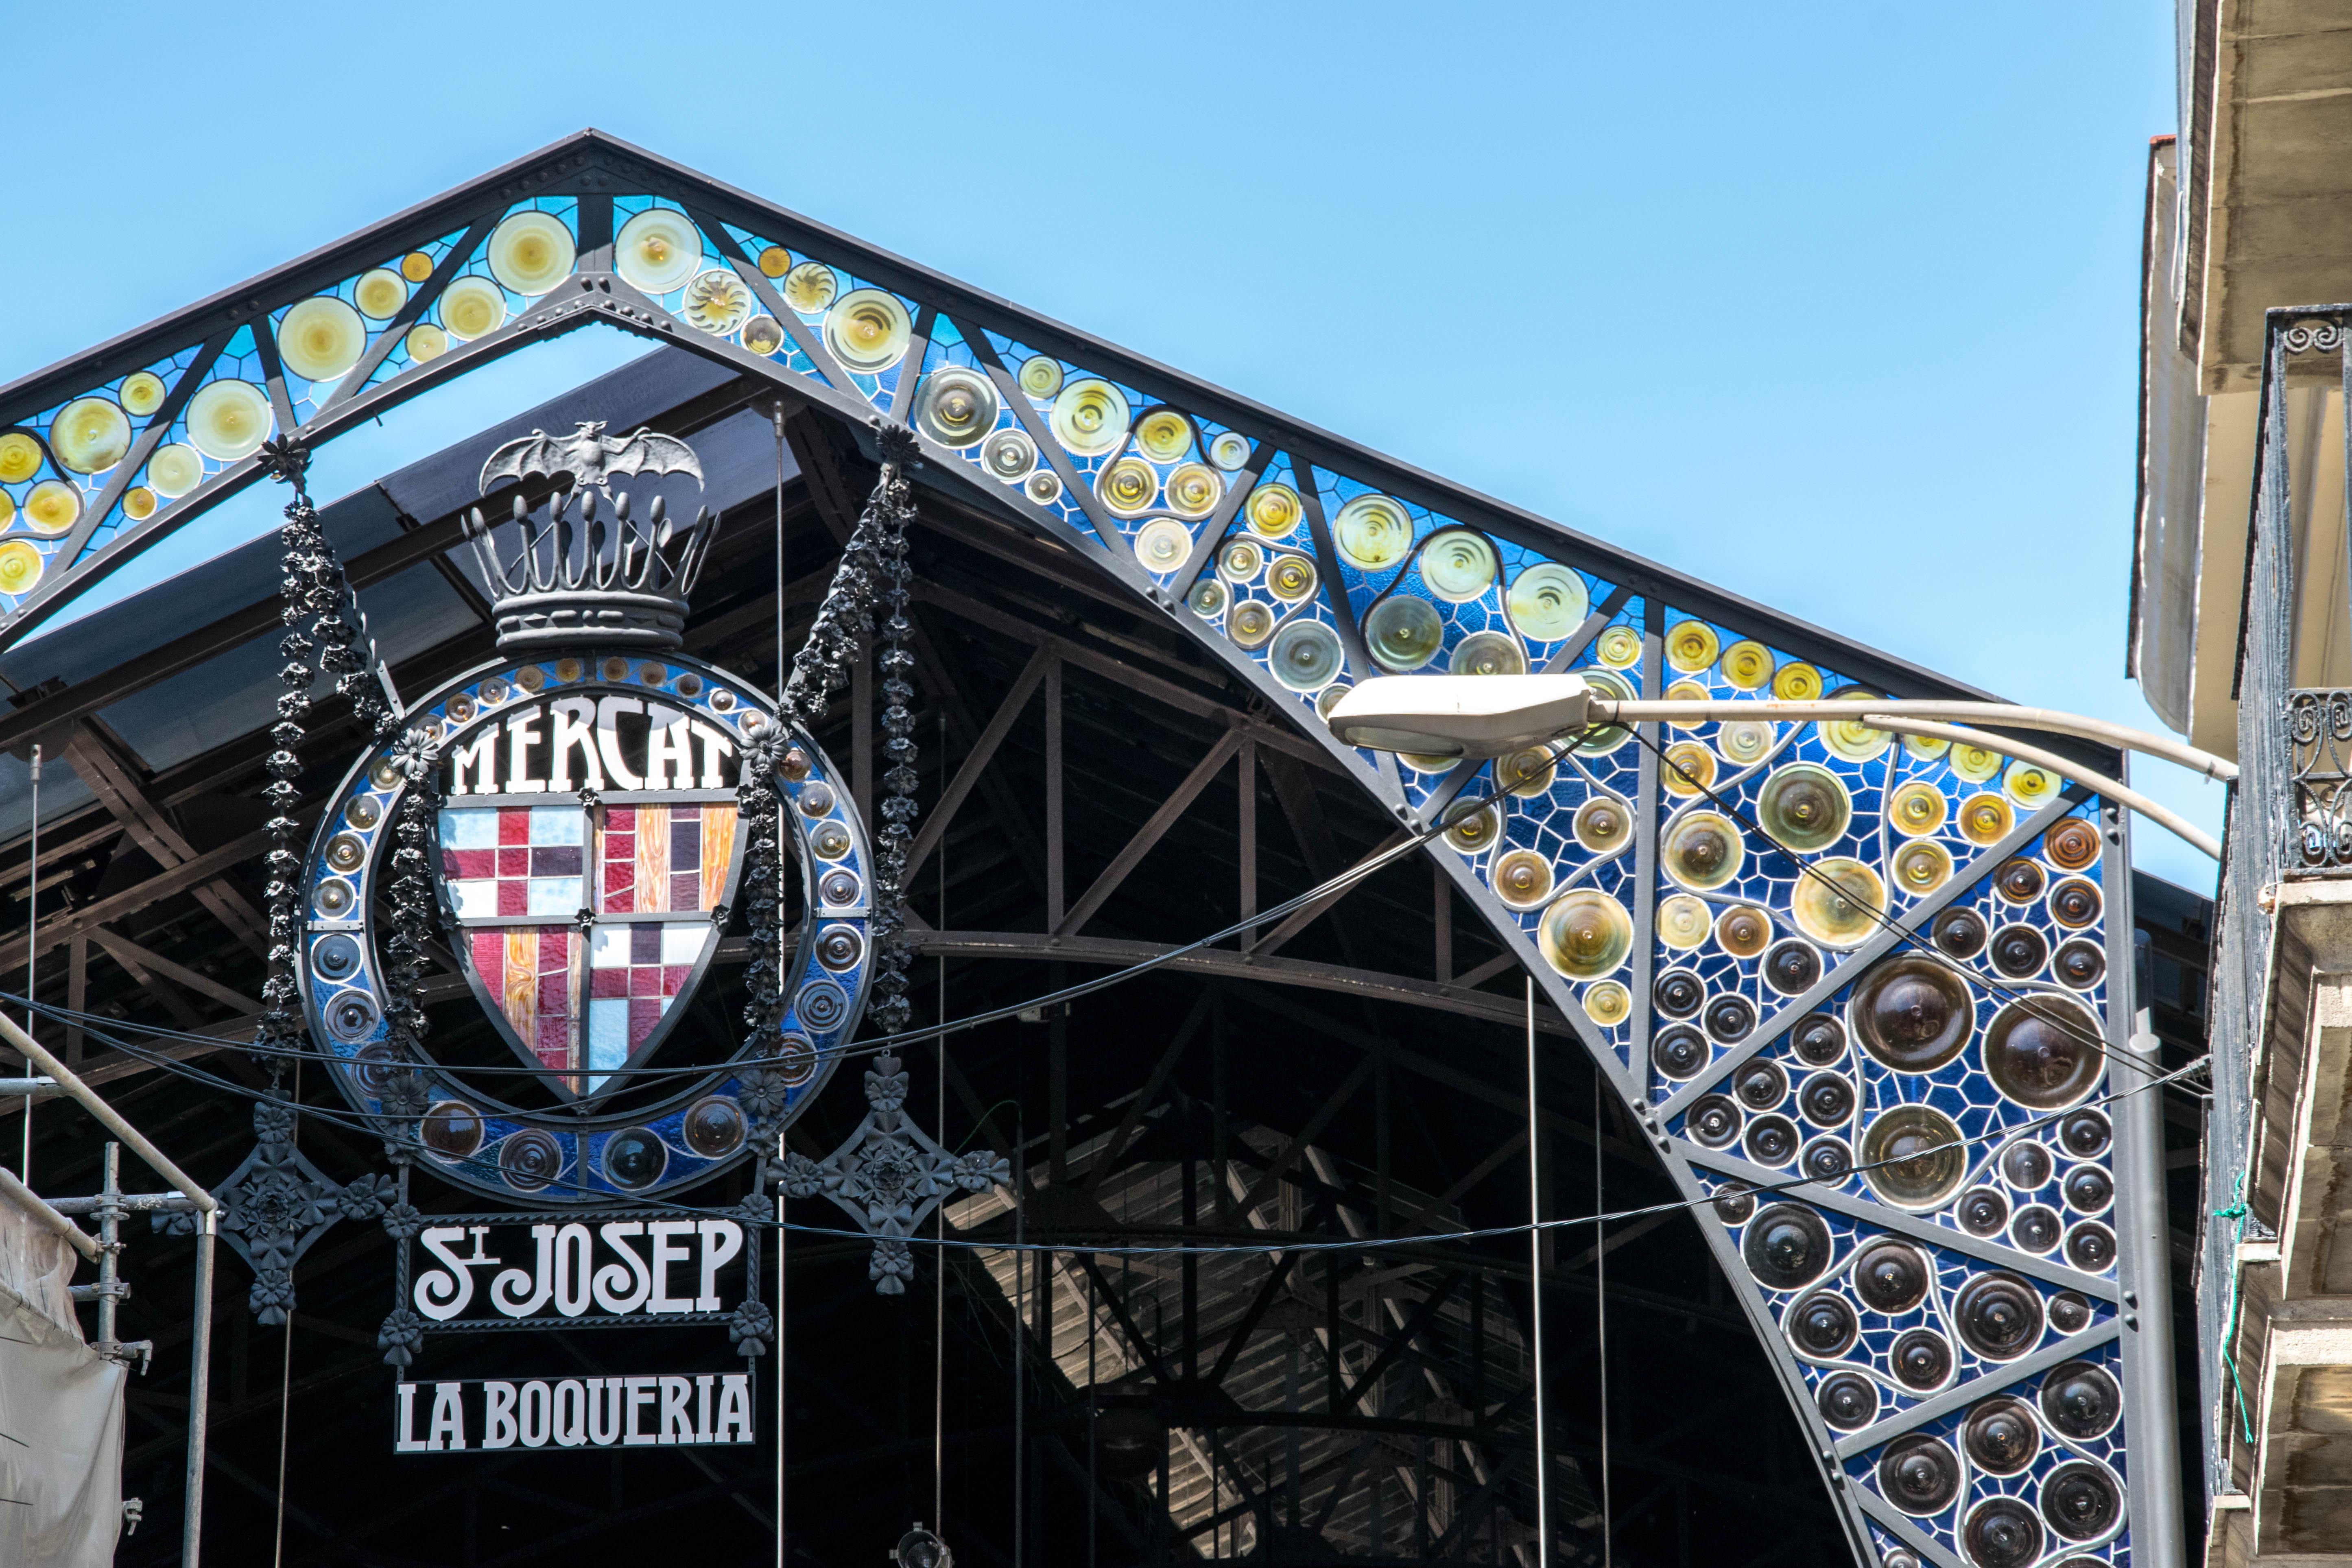 La Boqueria Market entrance in Barcelona